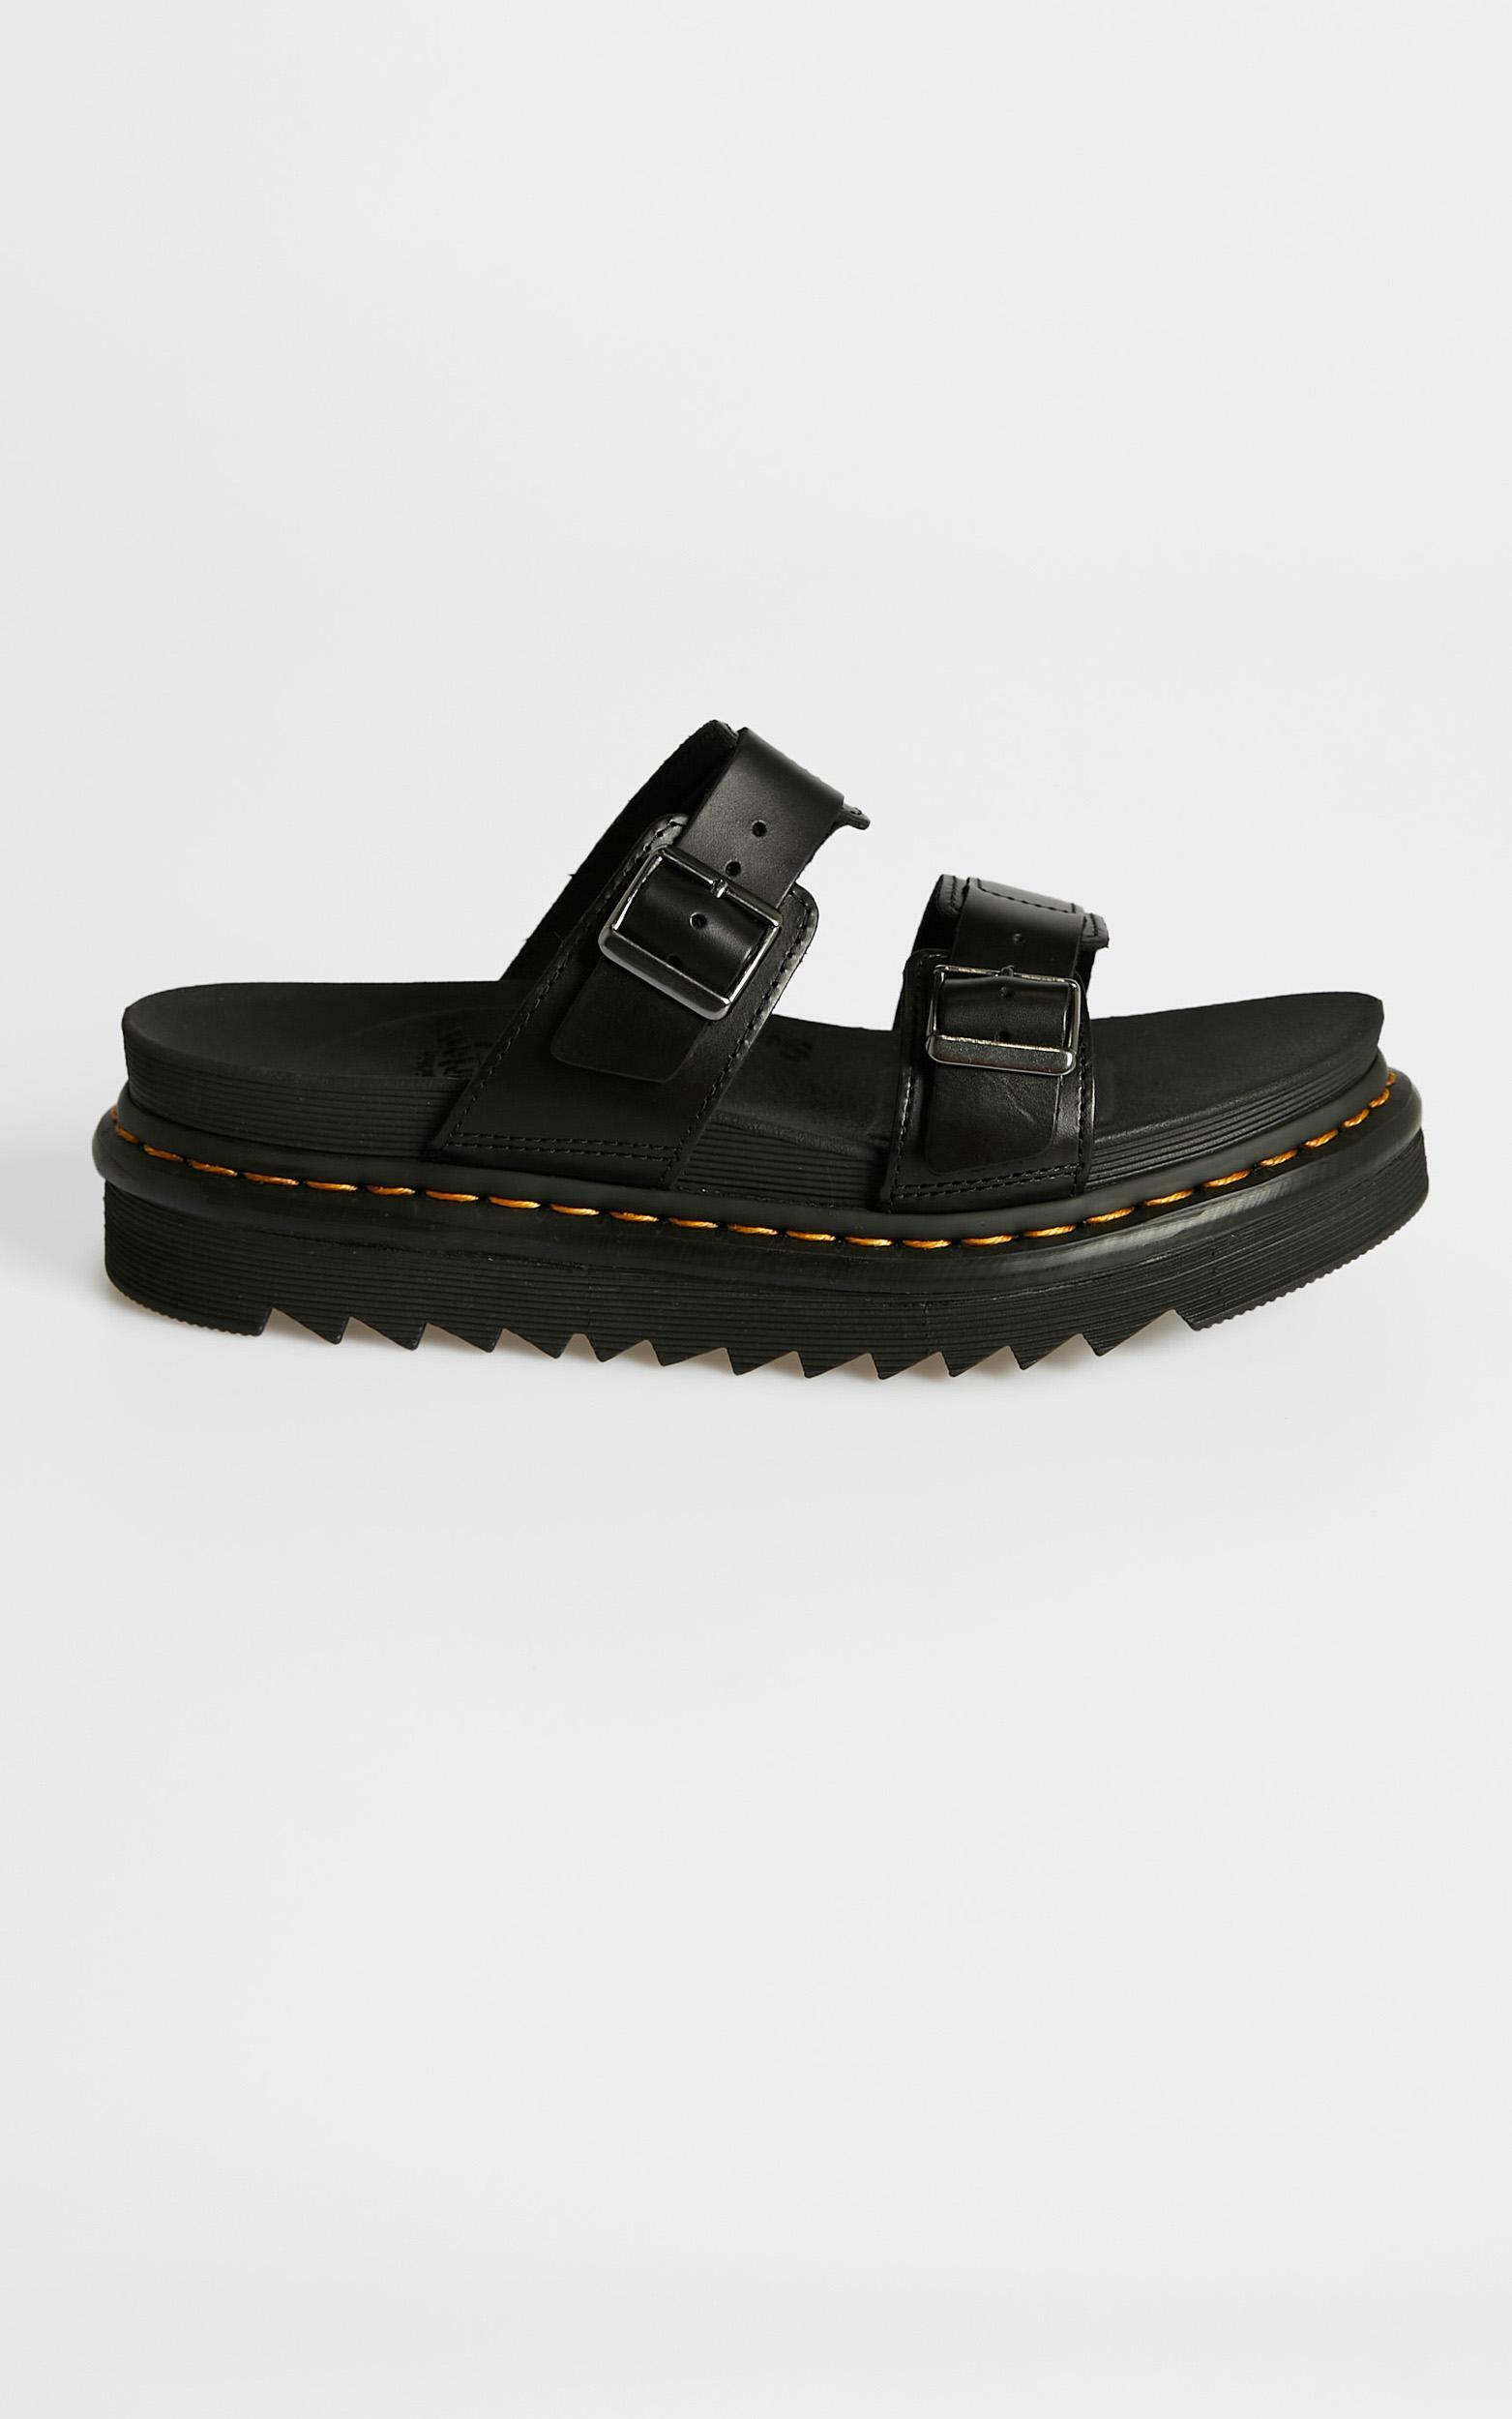 Dr. Martens - Myles Slide Sandal in Black - 05, BLK1, hi-res image number null